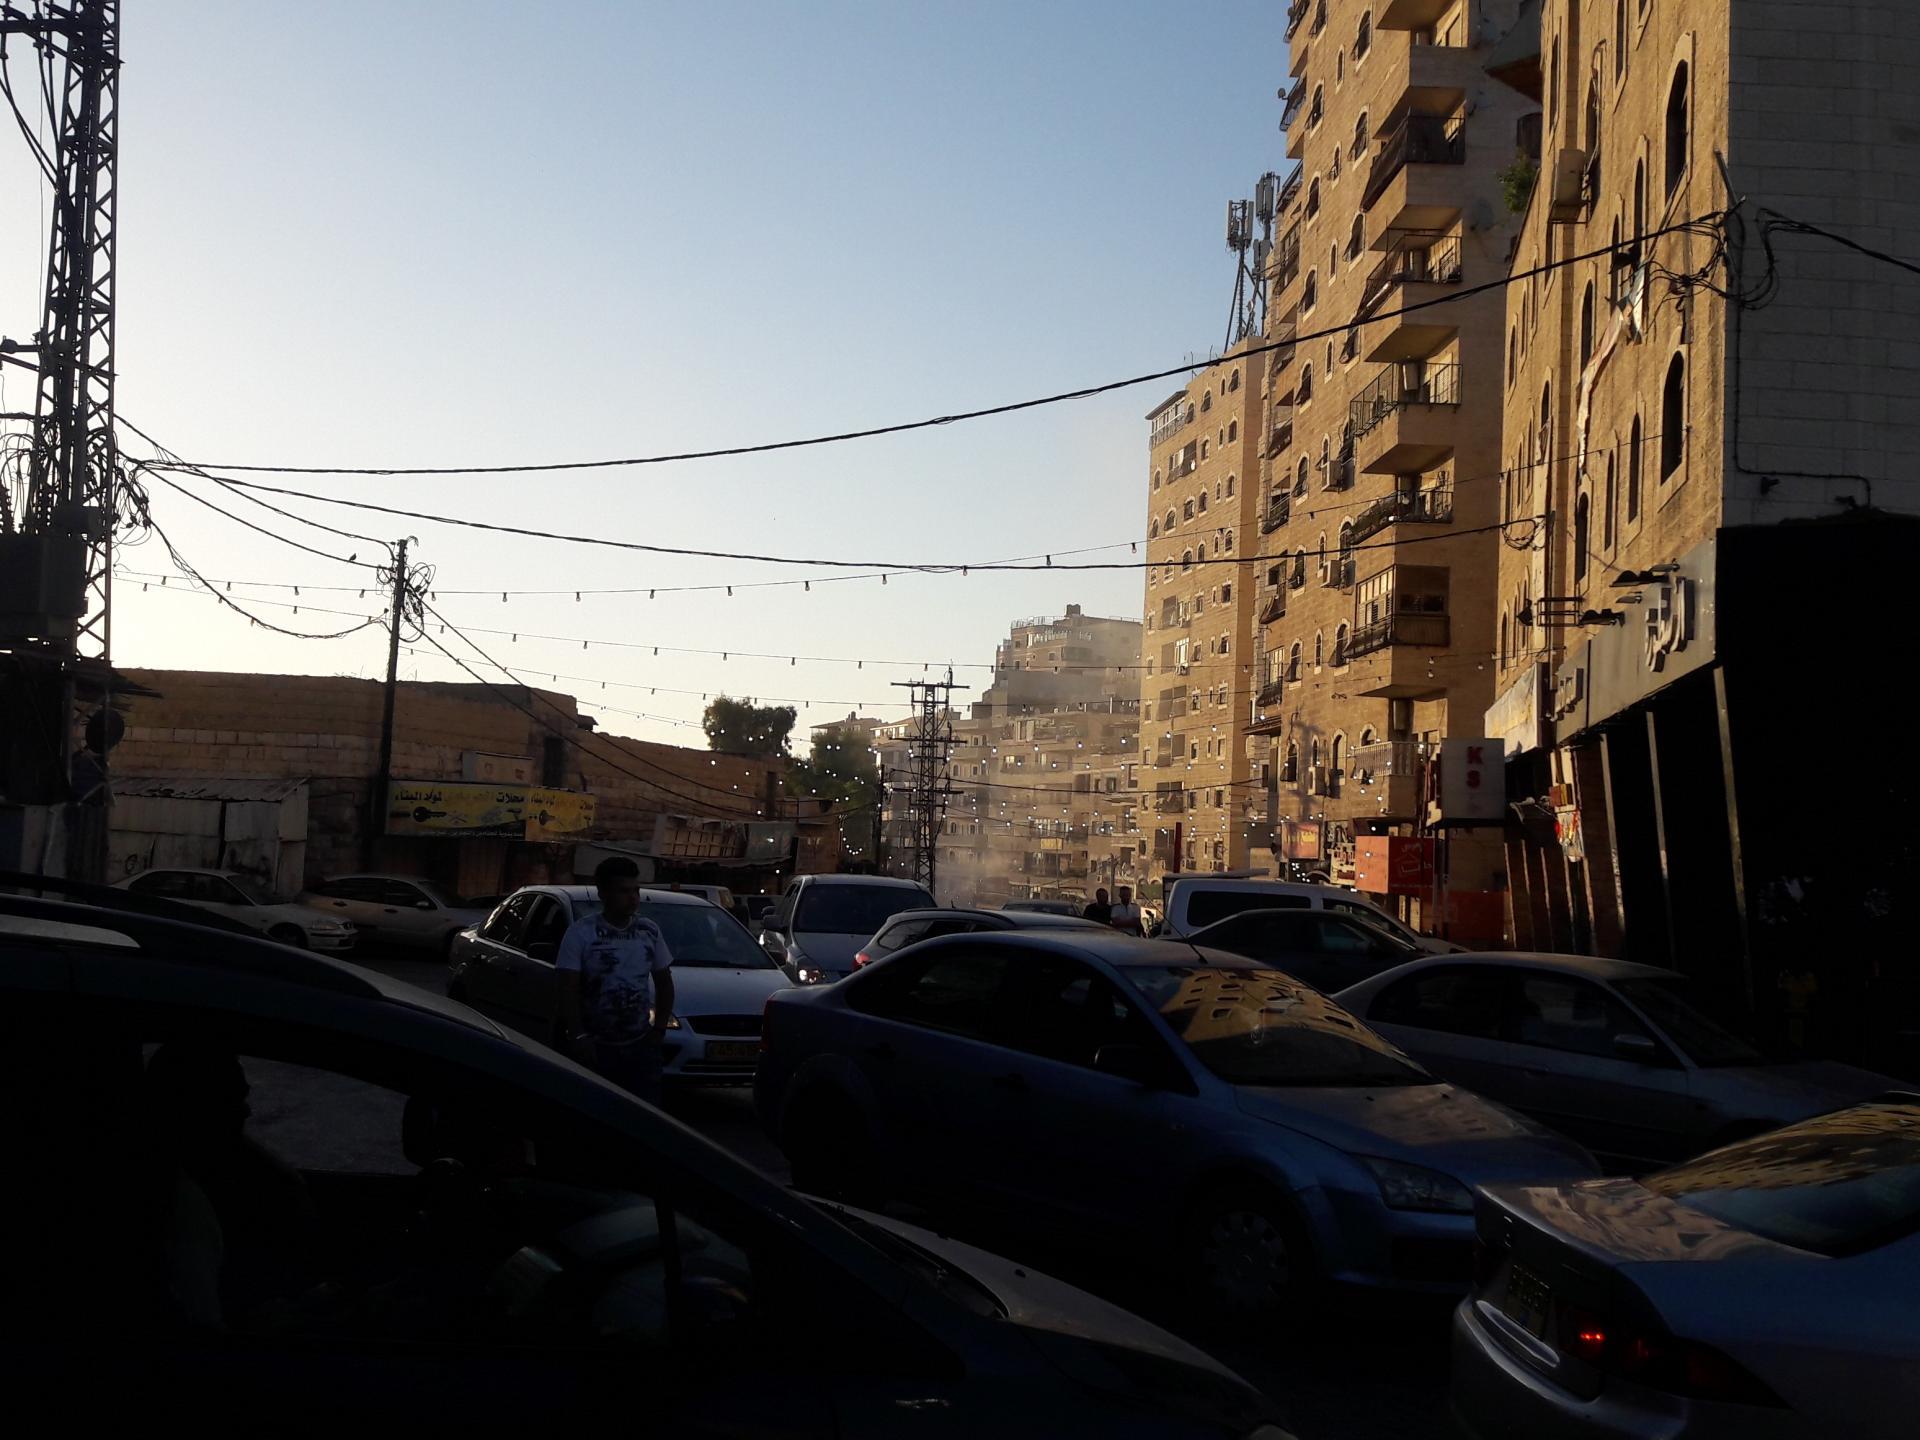 במחנה הפליטים שועפאט תלויה עדיין תאורה מימי הרמדאן